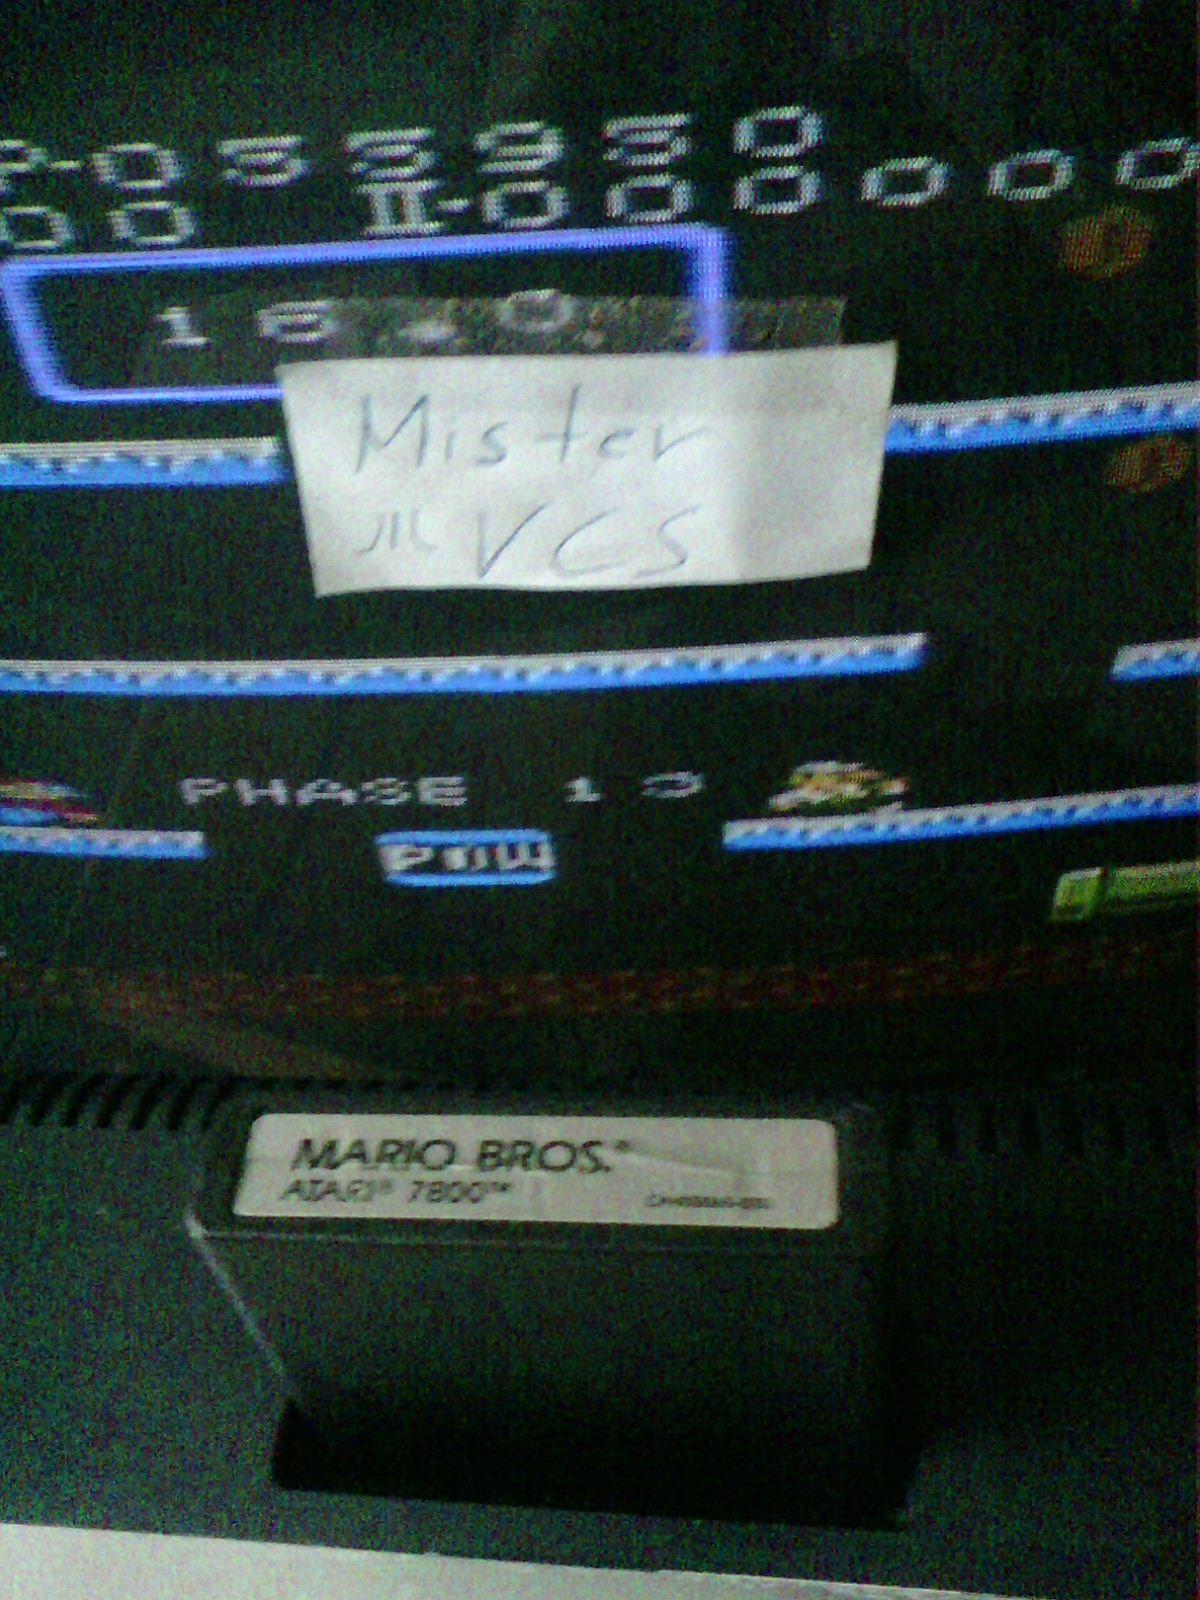 MisterVCS: Mario Bros. [Standard] (Atari 7800) 55,950 points on 2016-11-13 02:55:44